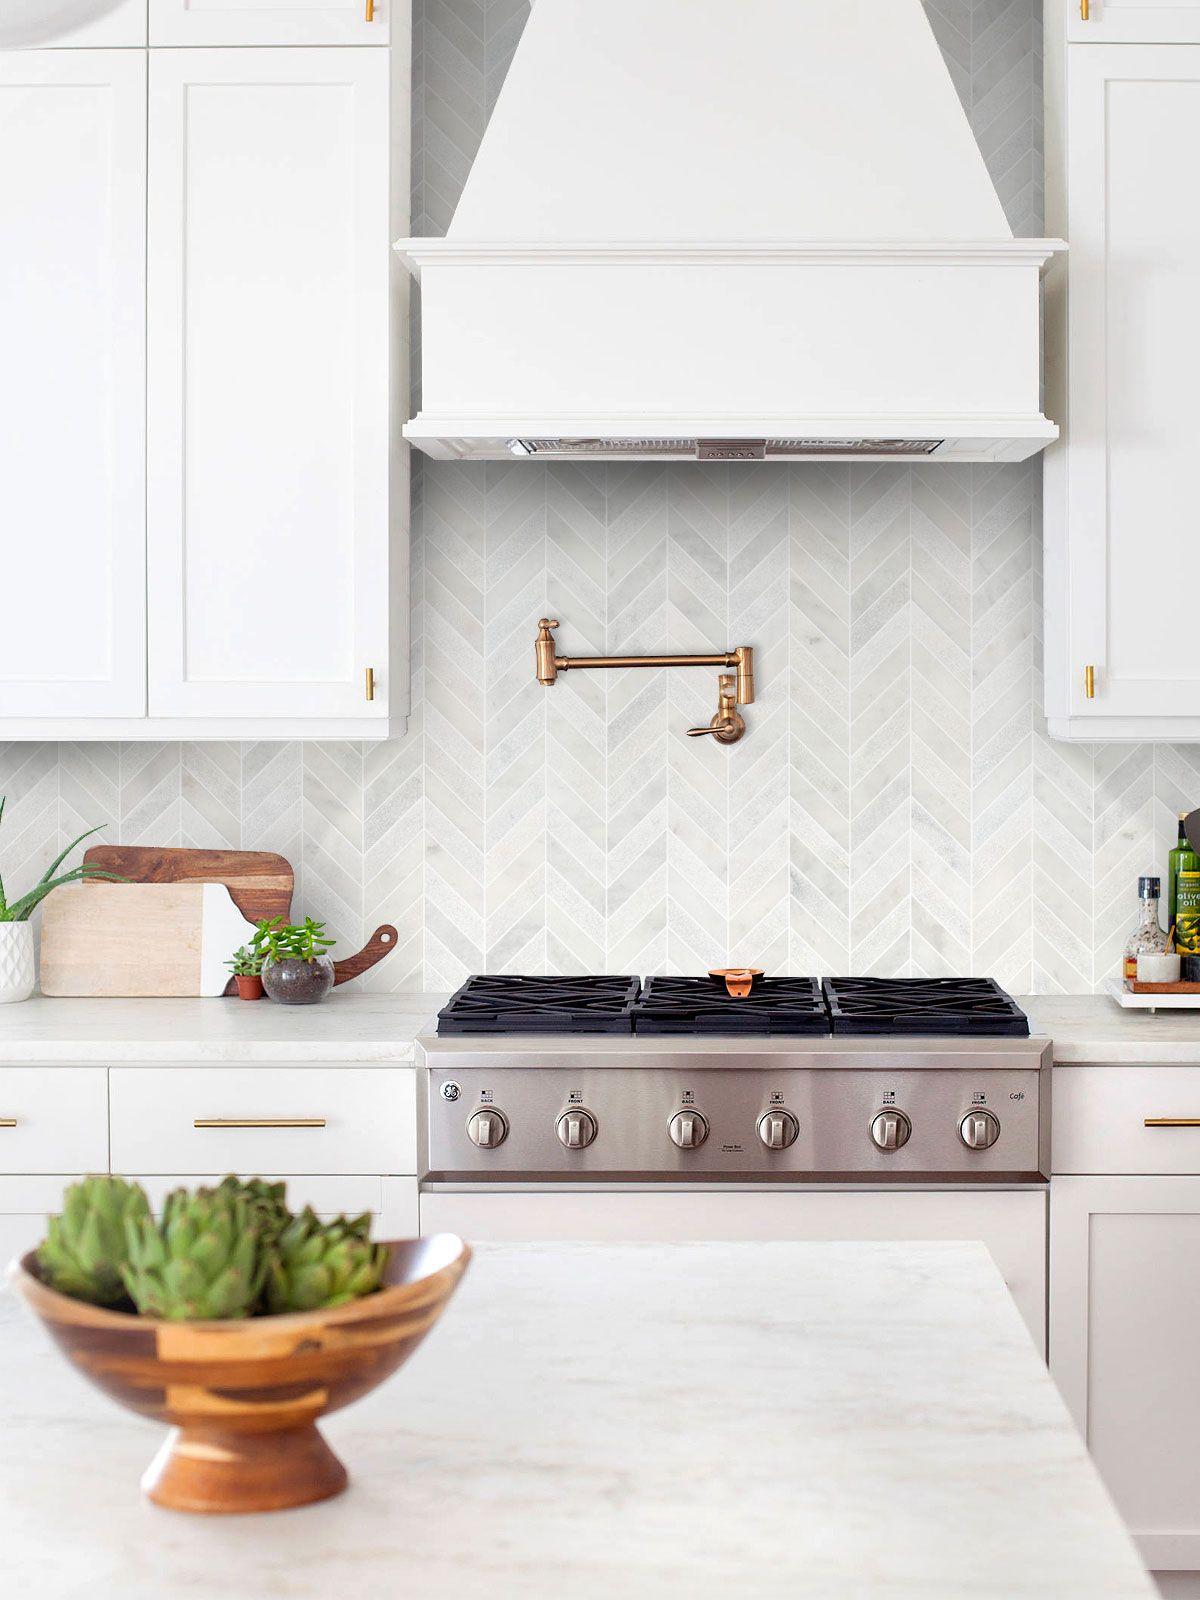 Ba631613 Marble In 2020 White Tile Backsplash Cottage Kitchen